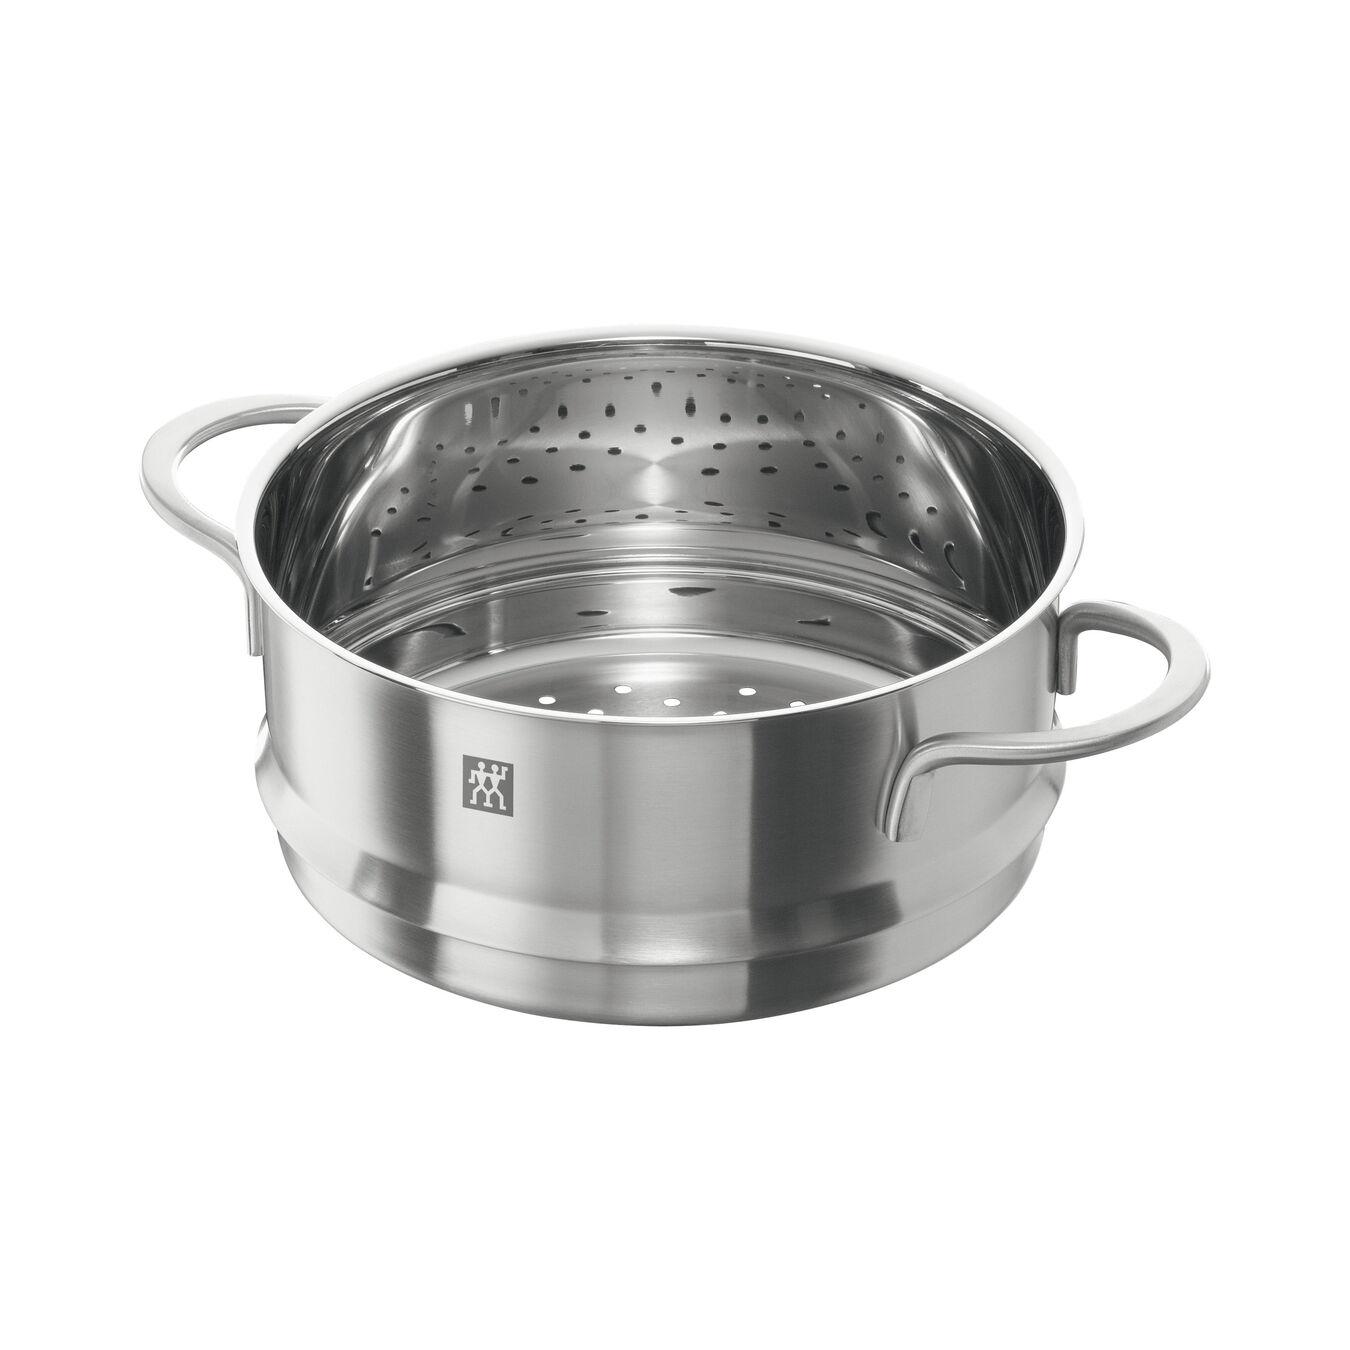 8-pcs 18/10 Stainless Steel Ensemble de casseroles et poêles,,large 4